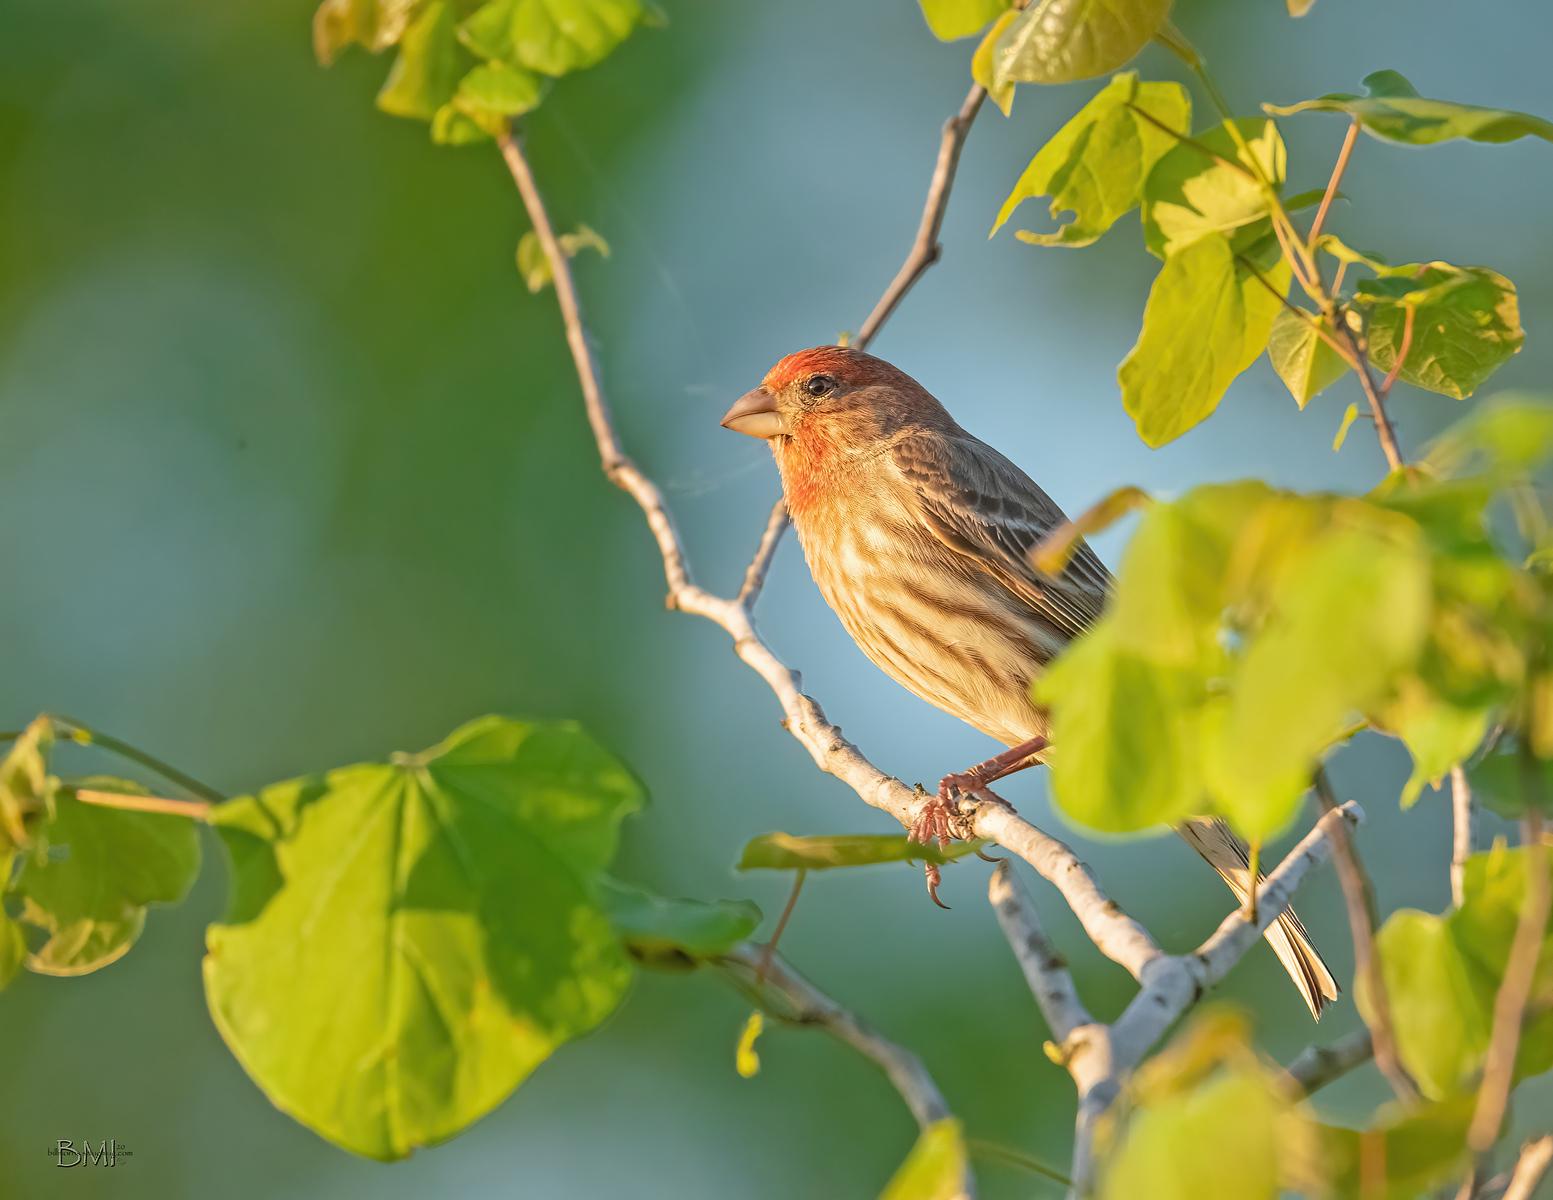 IMAGE: https://photos.smugmug.com/Beautyinthetreesandintheair/Birds/i-bTRh2Sr/0/0dd18641/X3/House%20finch_R3_3-24-2020-25-X3.jpg